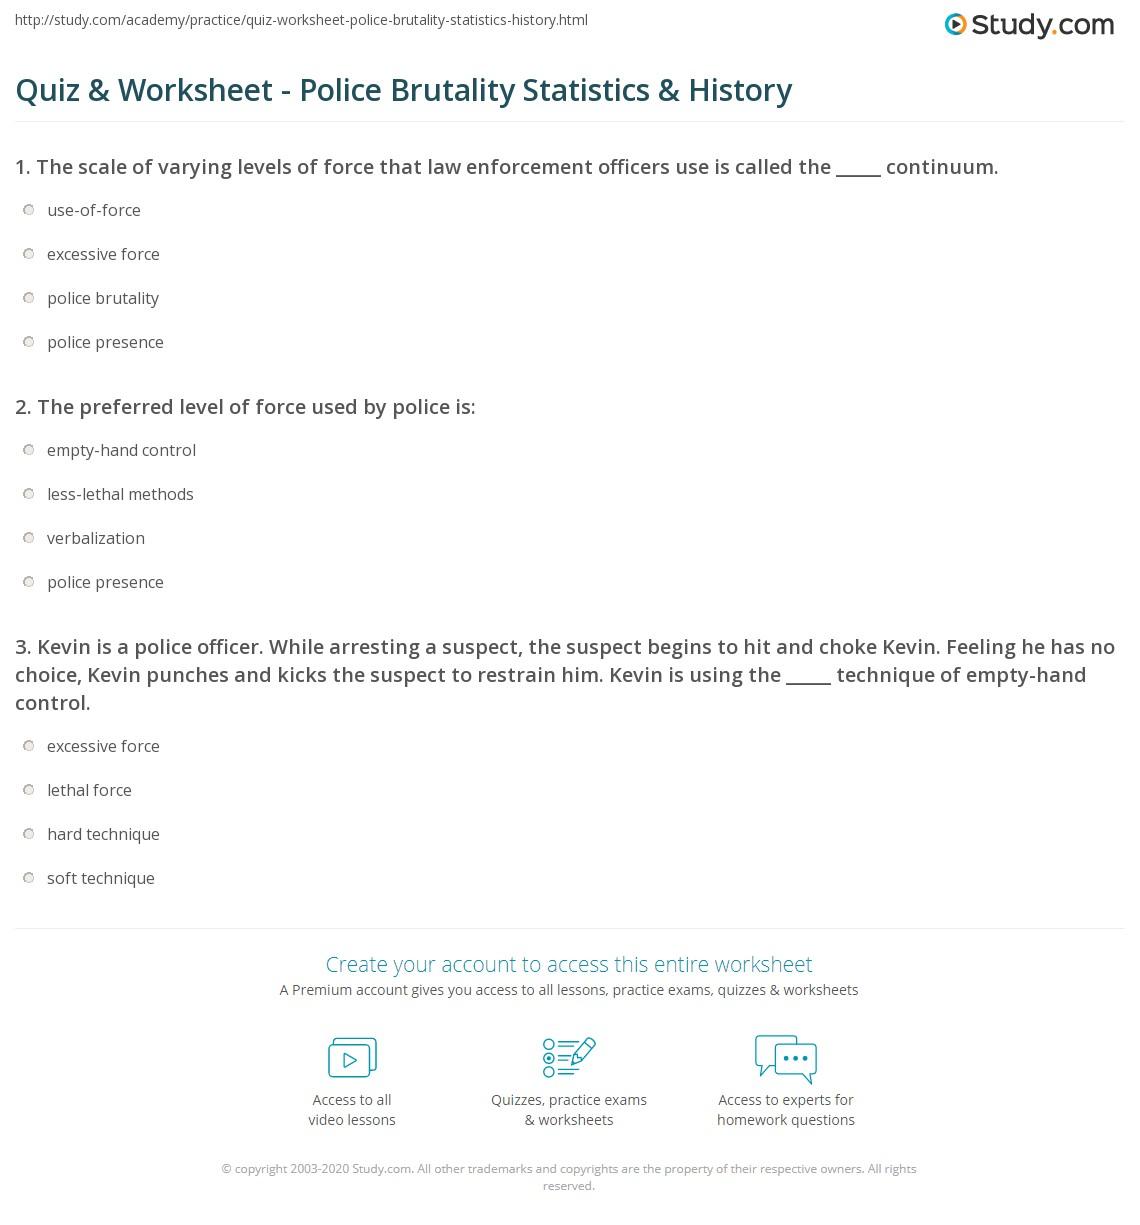 quiz worksheet police brutality statistics history. Black Bedroom Furniture Sets. Home Design Ideas